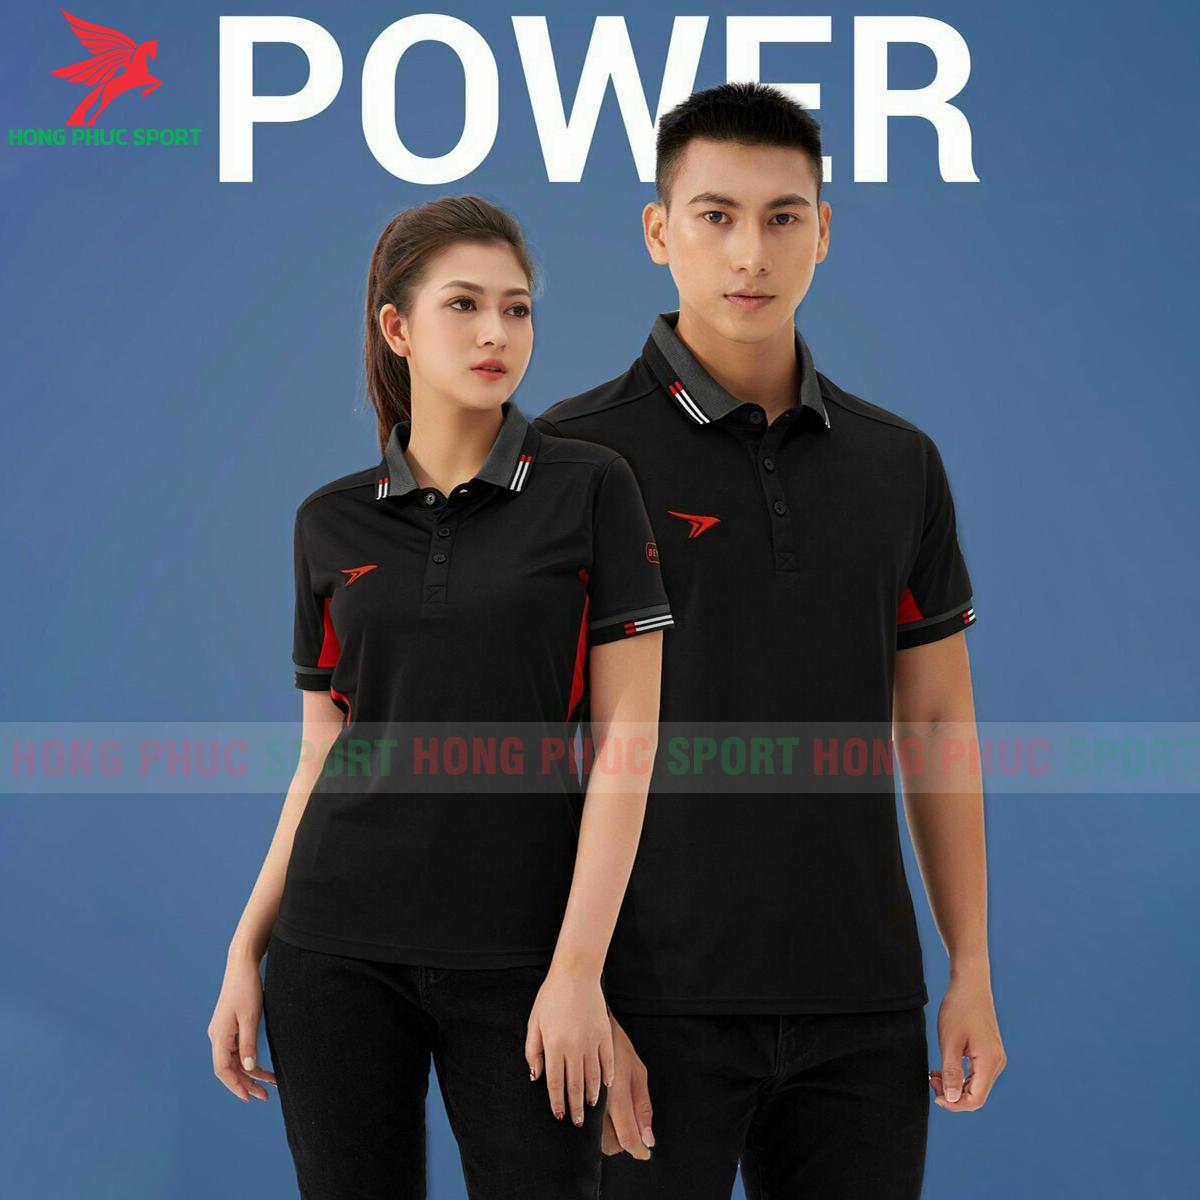 https://cdn.hongphucsport.com/unsafe/s4.shopbay.vn/files/285/ao-polo-beyono-power-2021-mau-den-609de705b338c.png